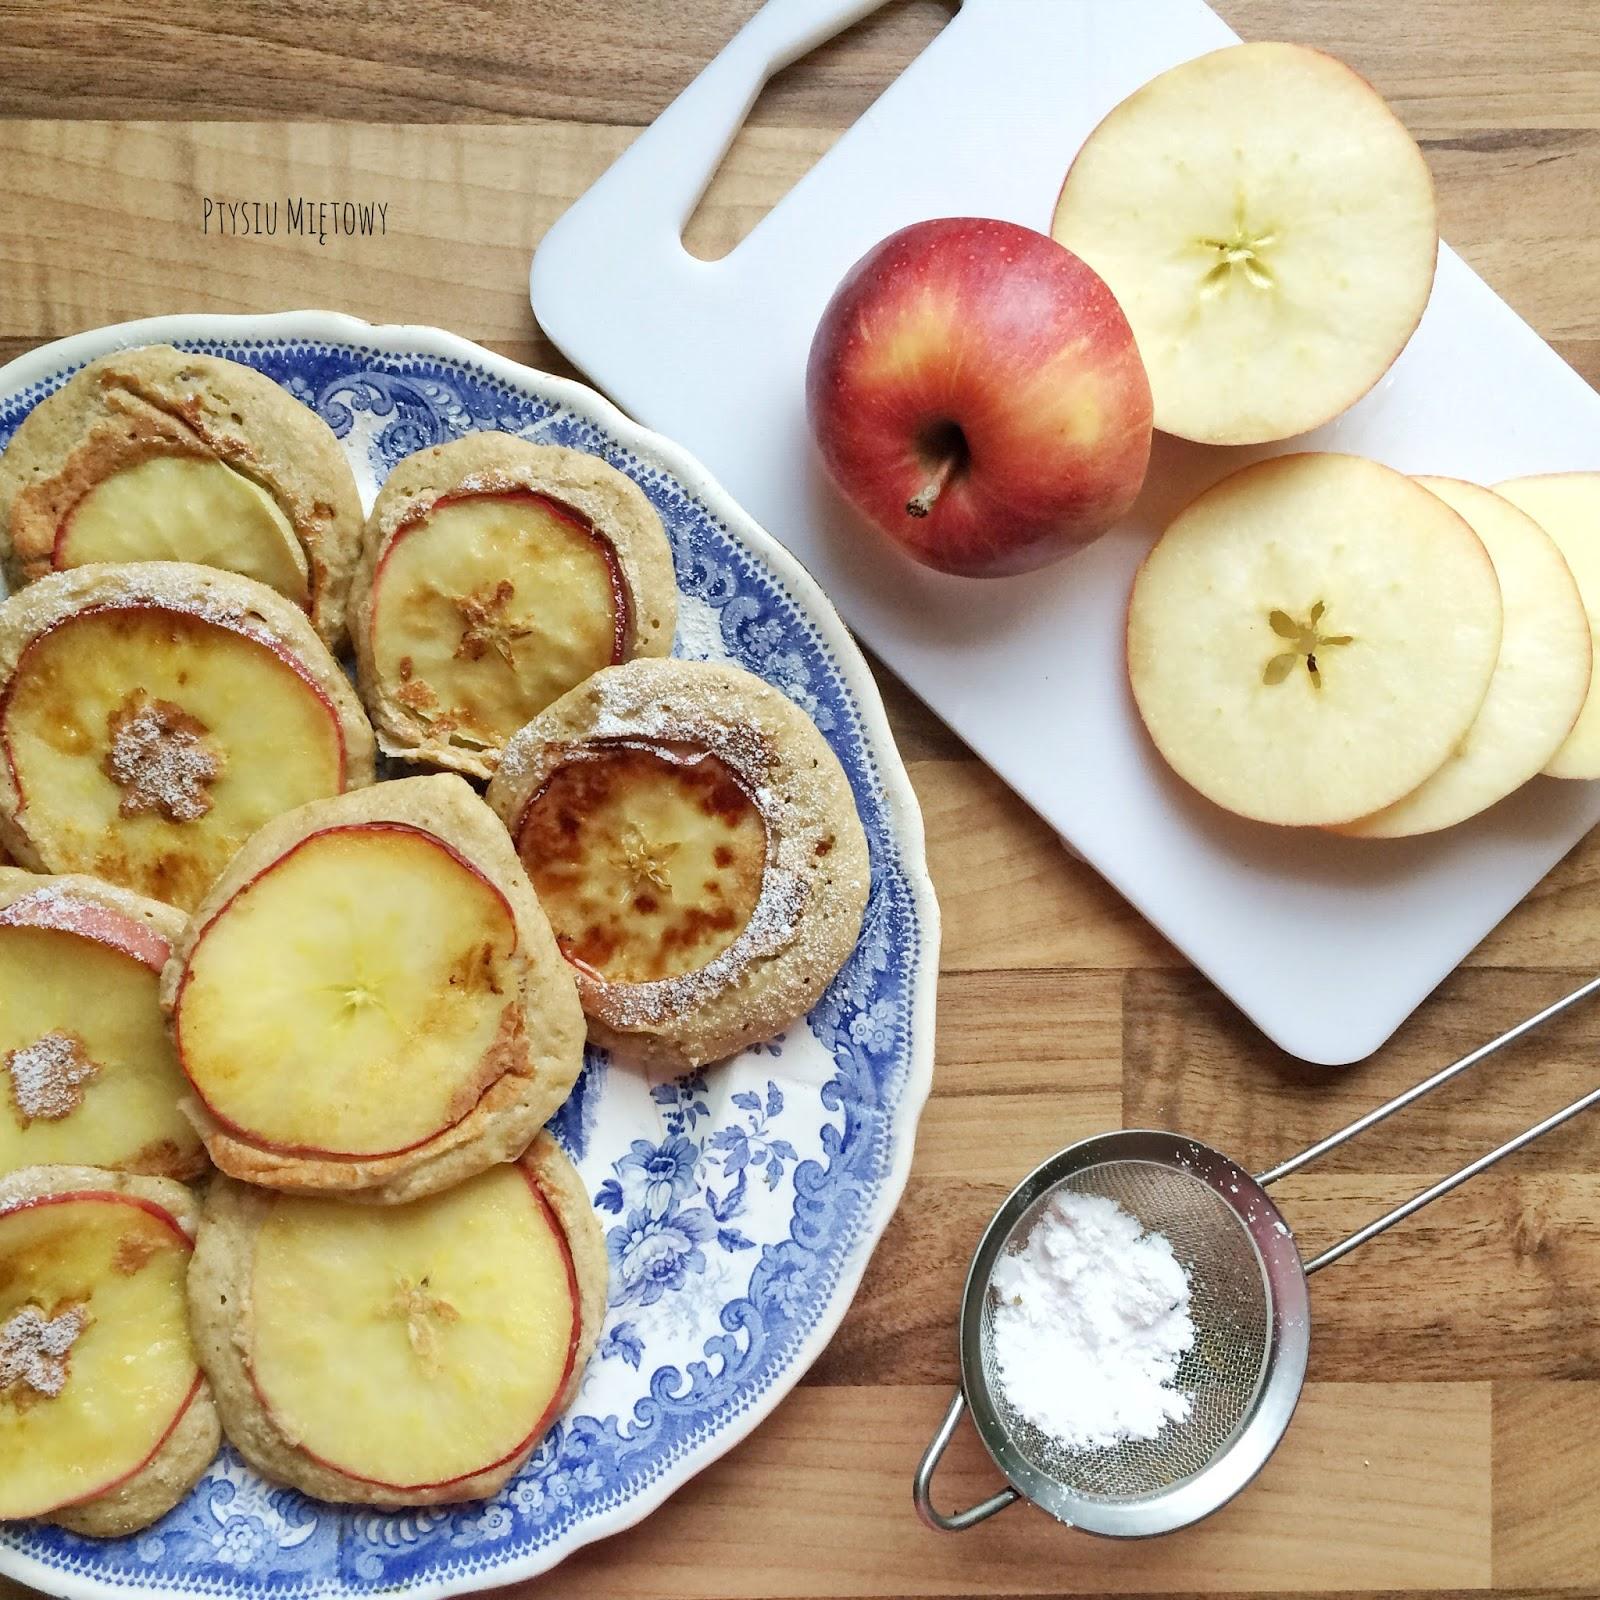 placki z jabłkami, owsiane placki, ptysiu miętowy